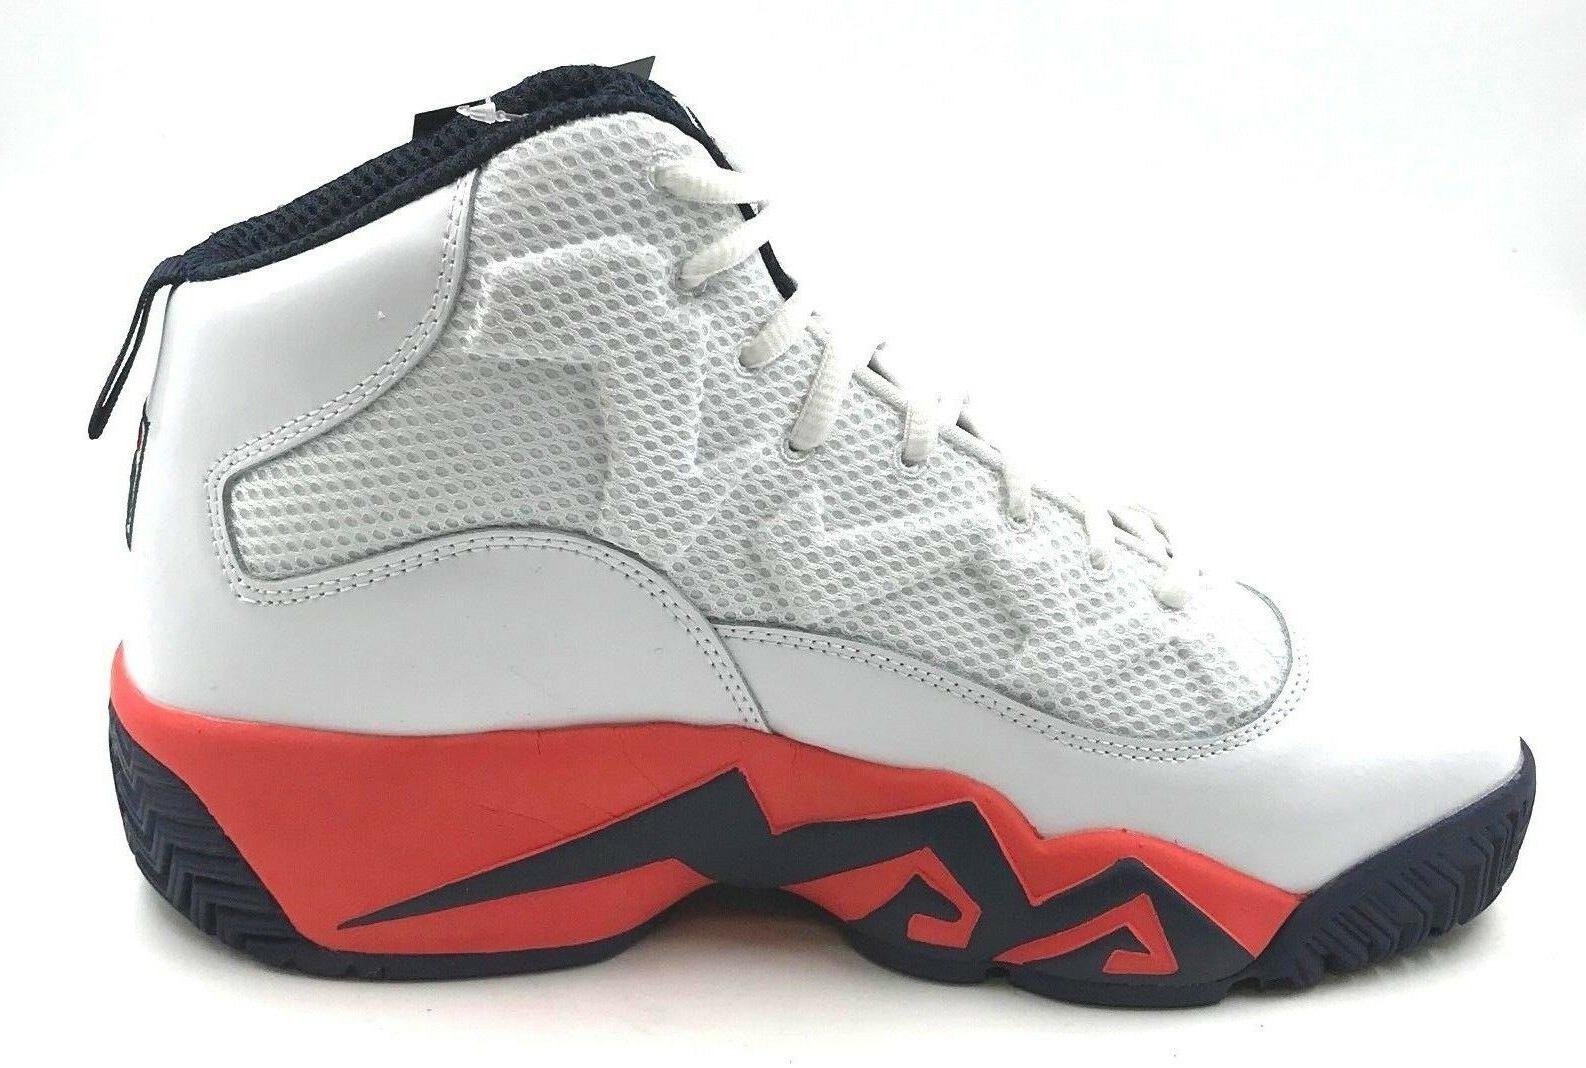 FILA MB Sneaker Wht/Ctom/Fnvy